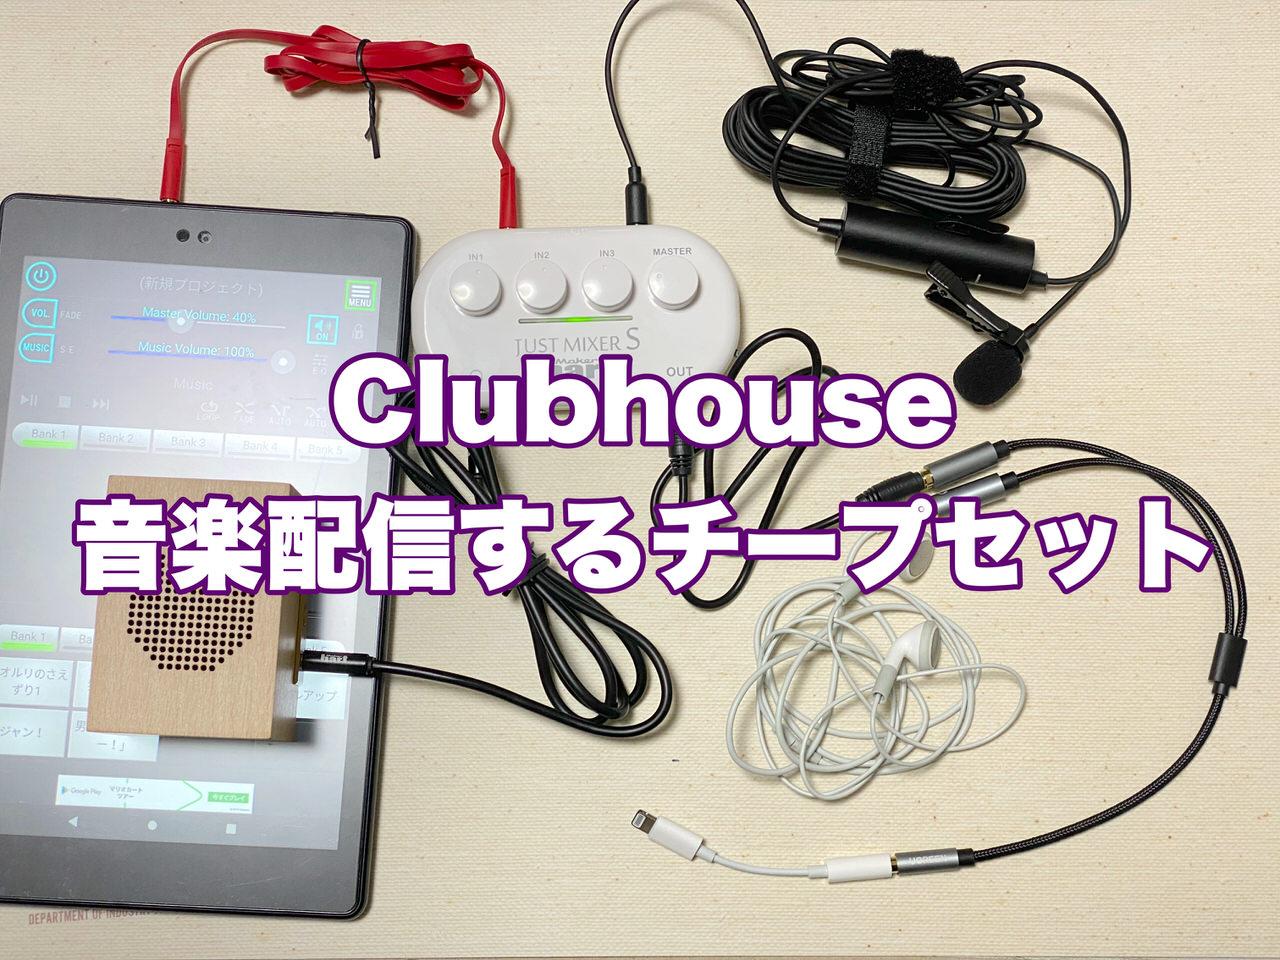 【Clubhouse】マイクを高音質にしつつ音楽&サウンドエフェクト配信も可能にする「チープセット」